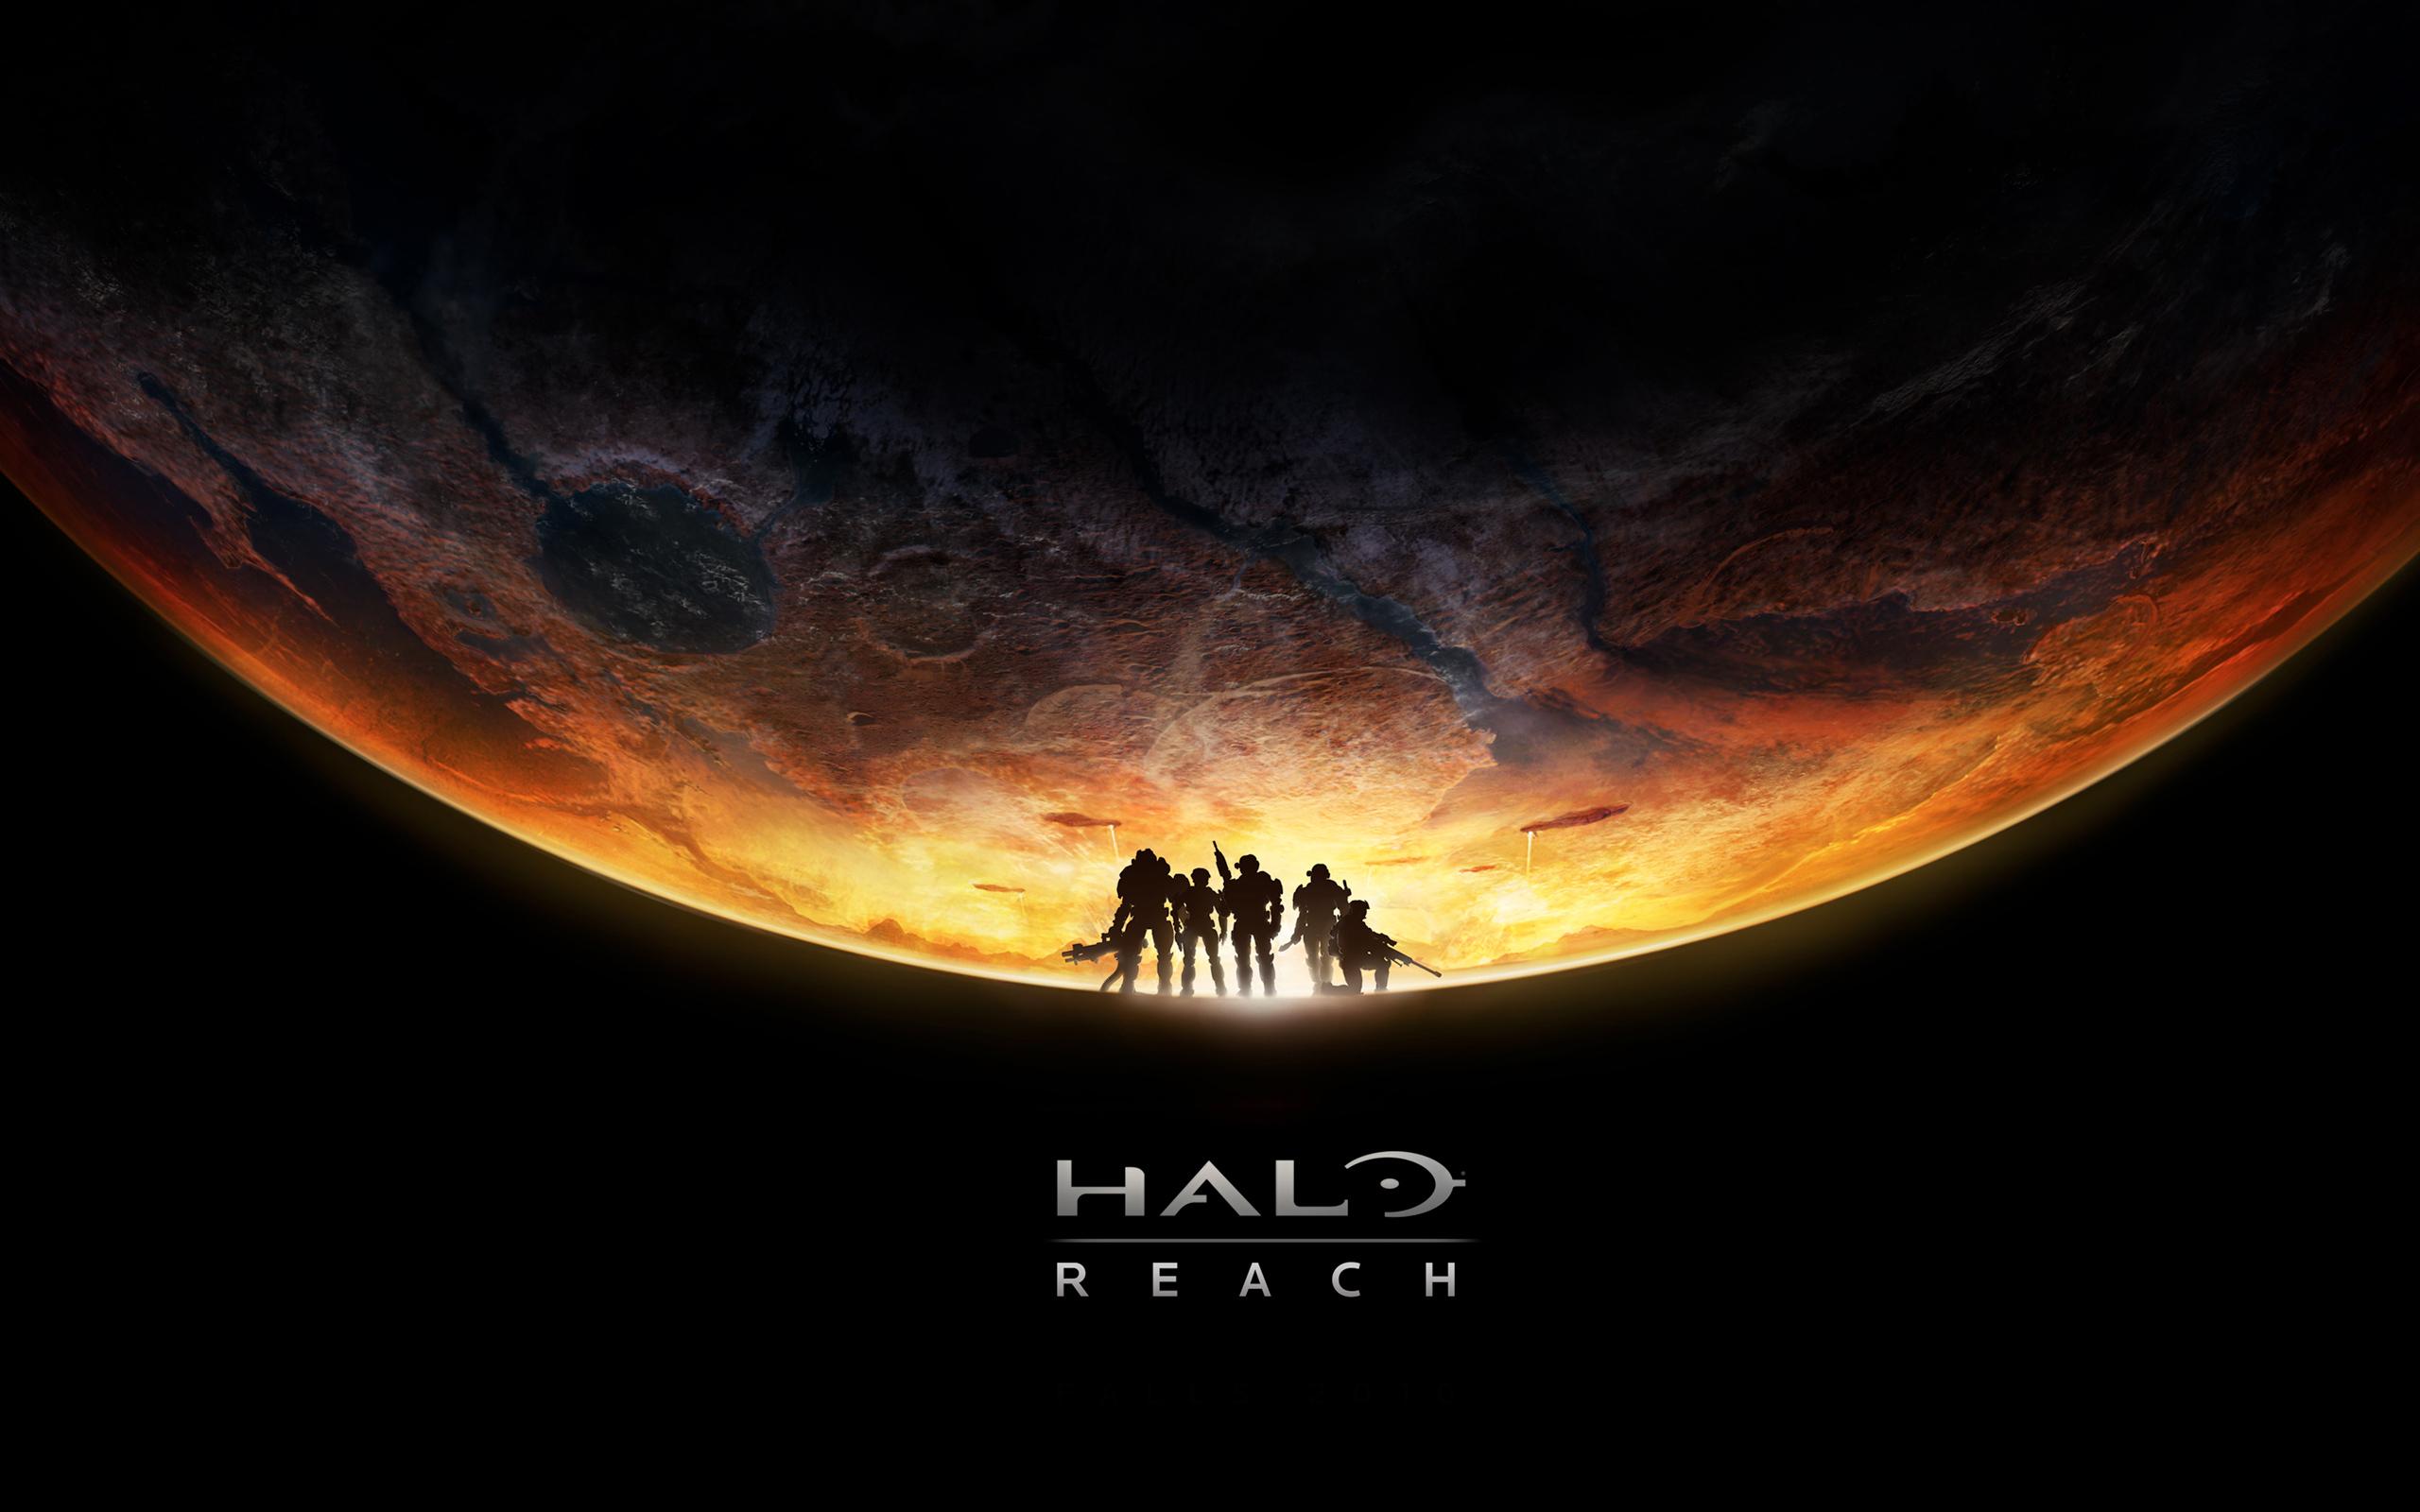 Hd Halo Wallpaper - WallpaperSafari